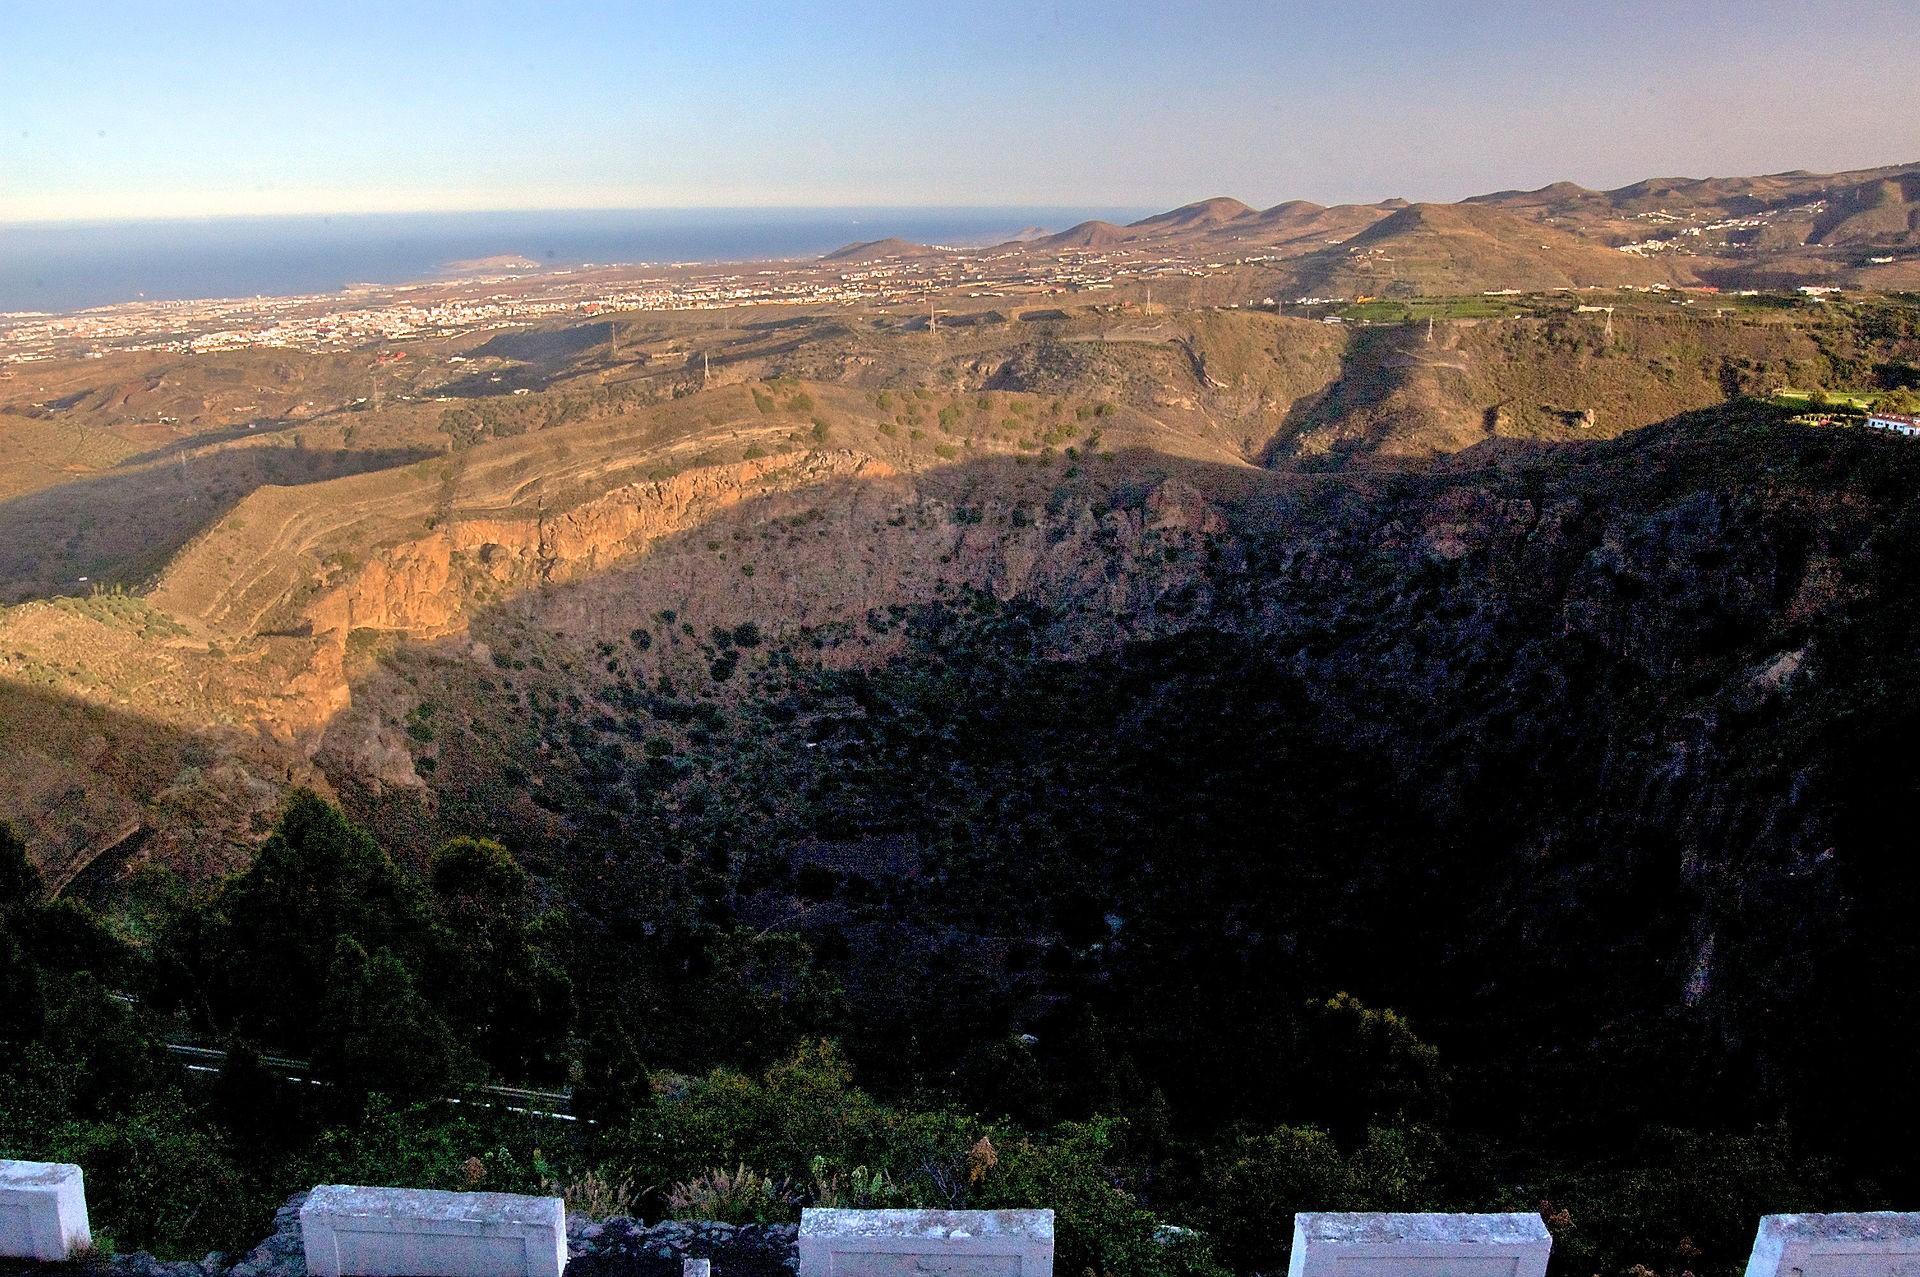 Monumento natural Bandama